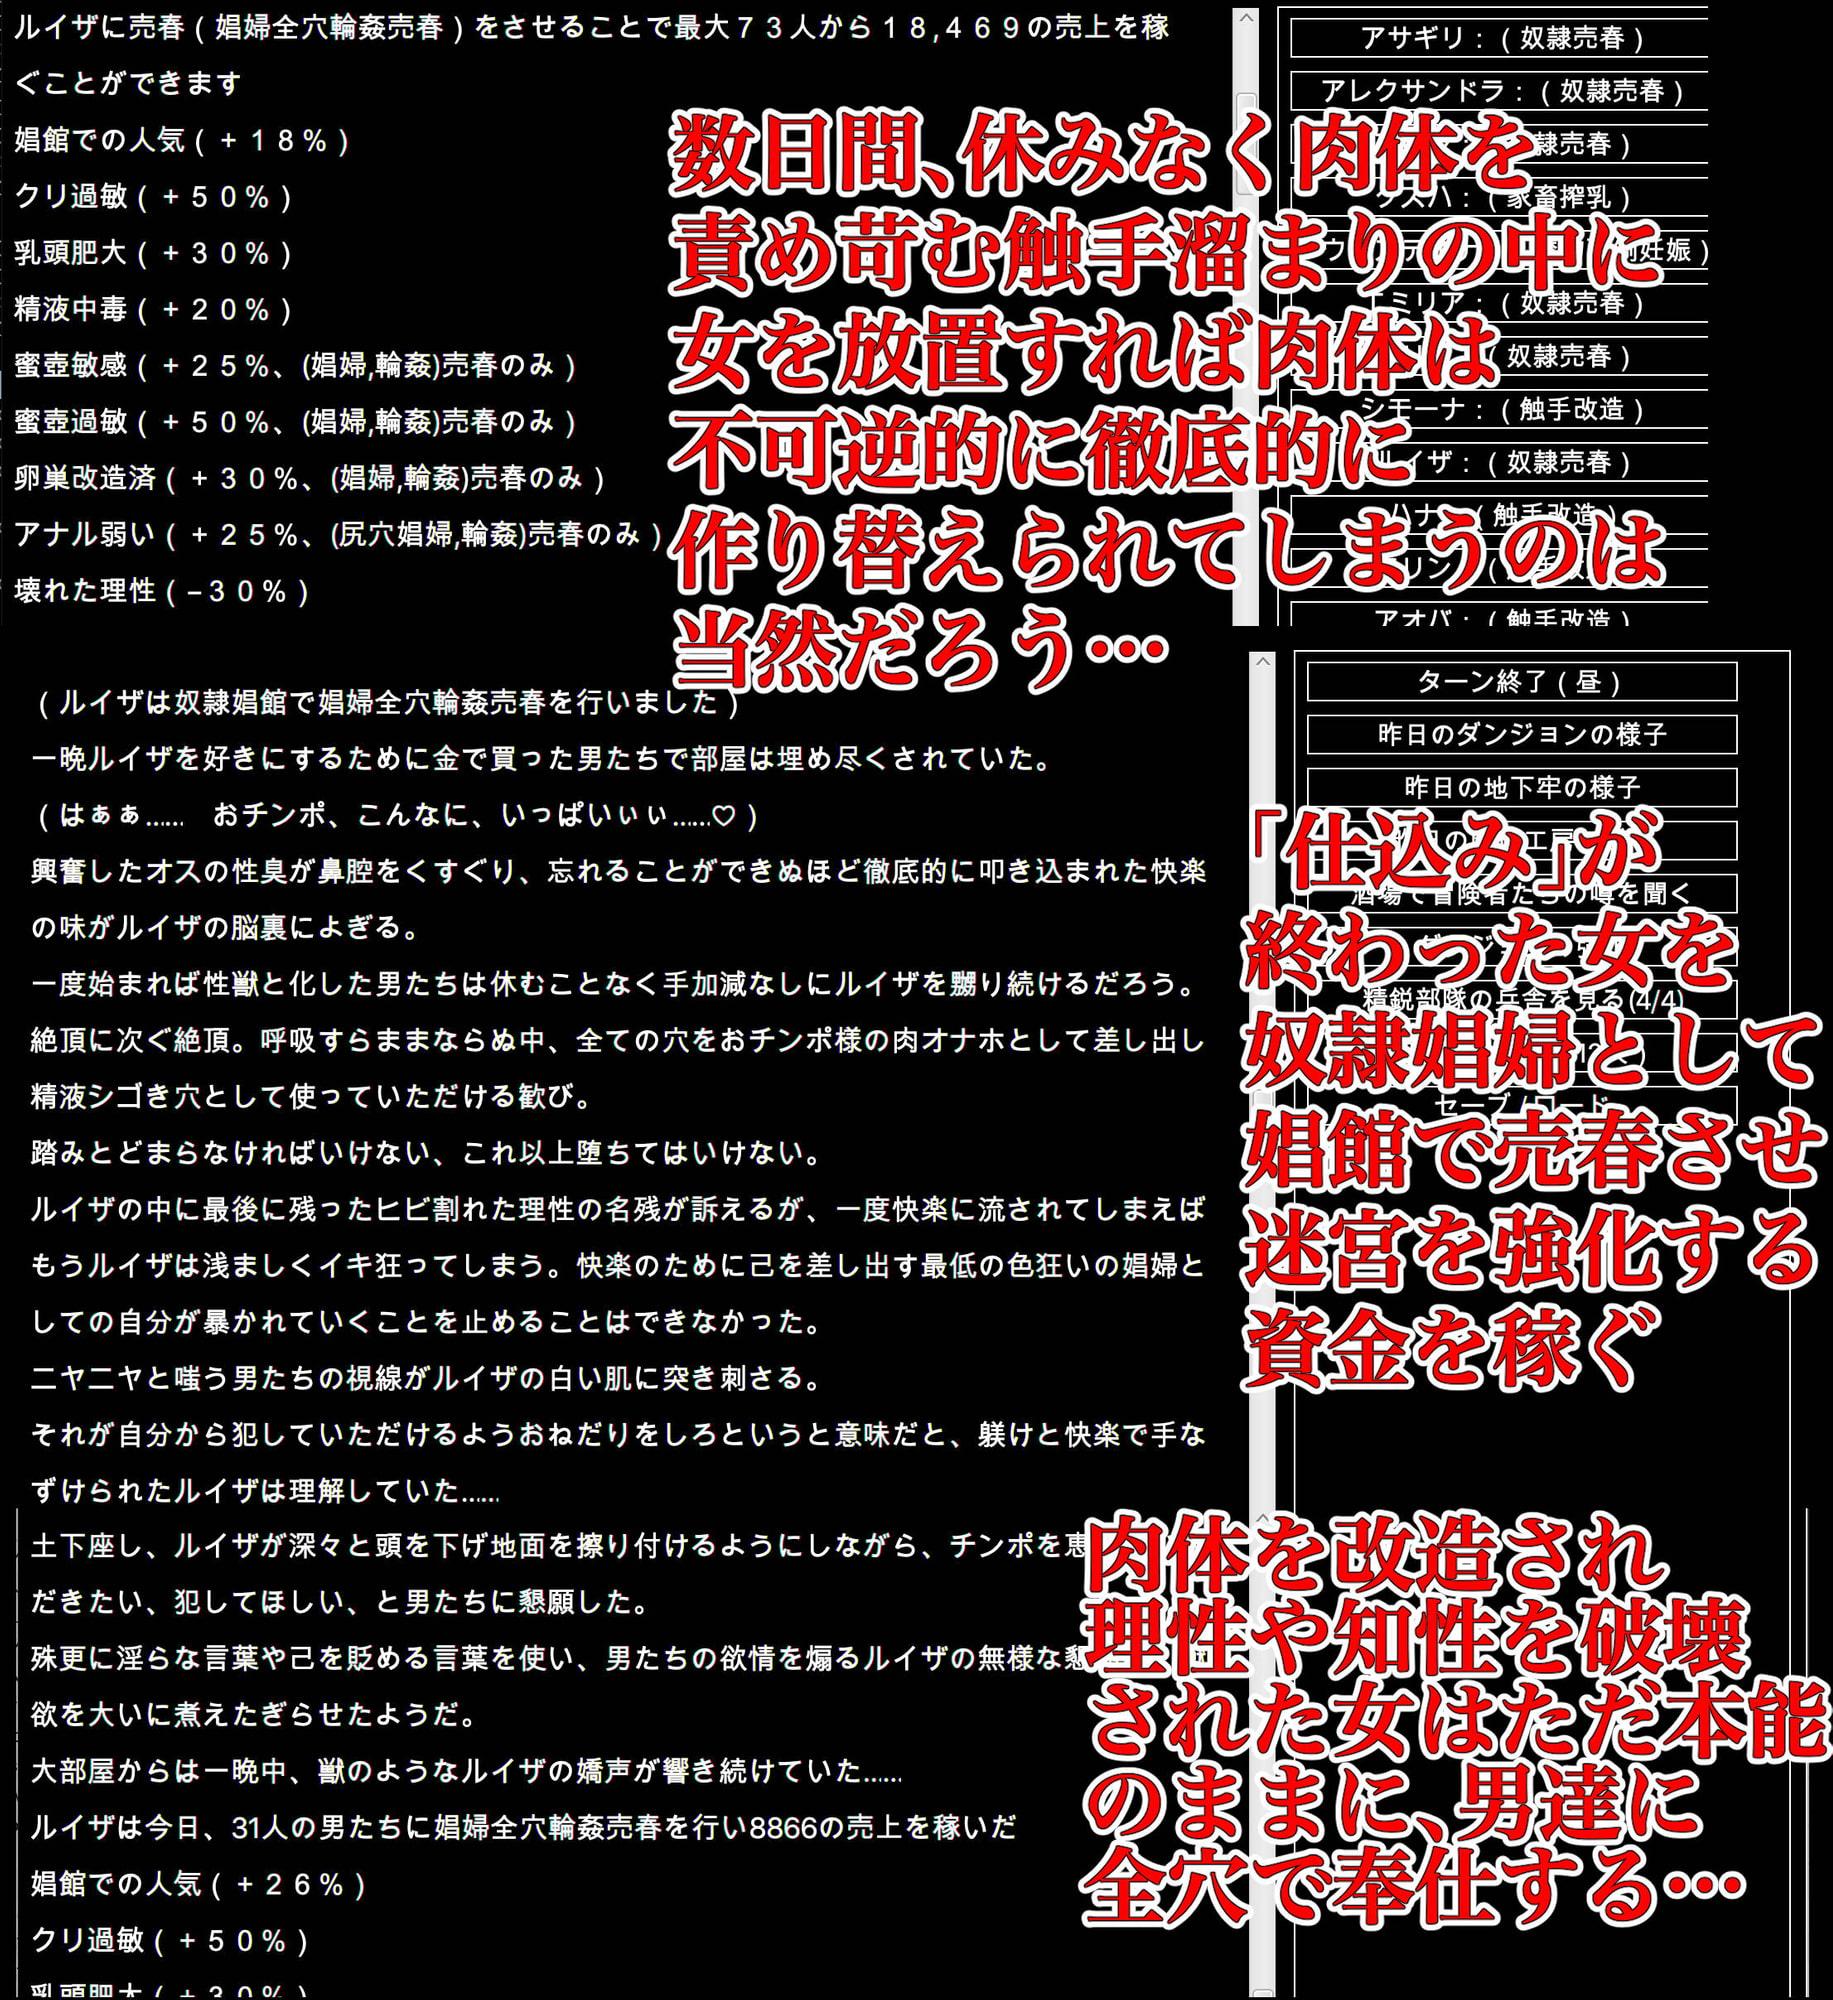 RJ322247 陵辱異種姦ダンジョン〜敗北した女冒険者は魔物の孕み袋〜 [20210529]